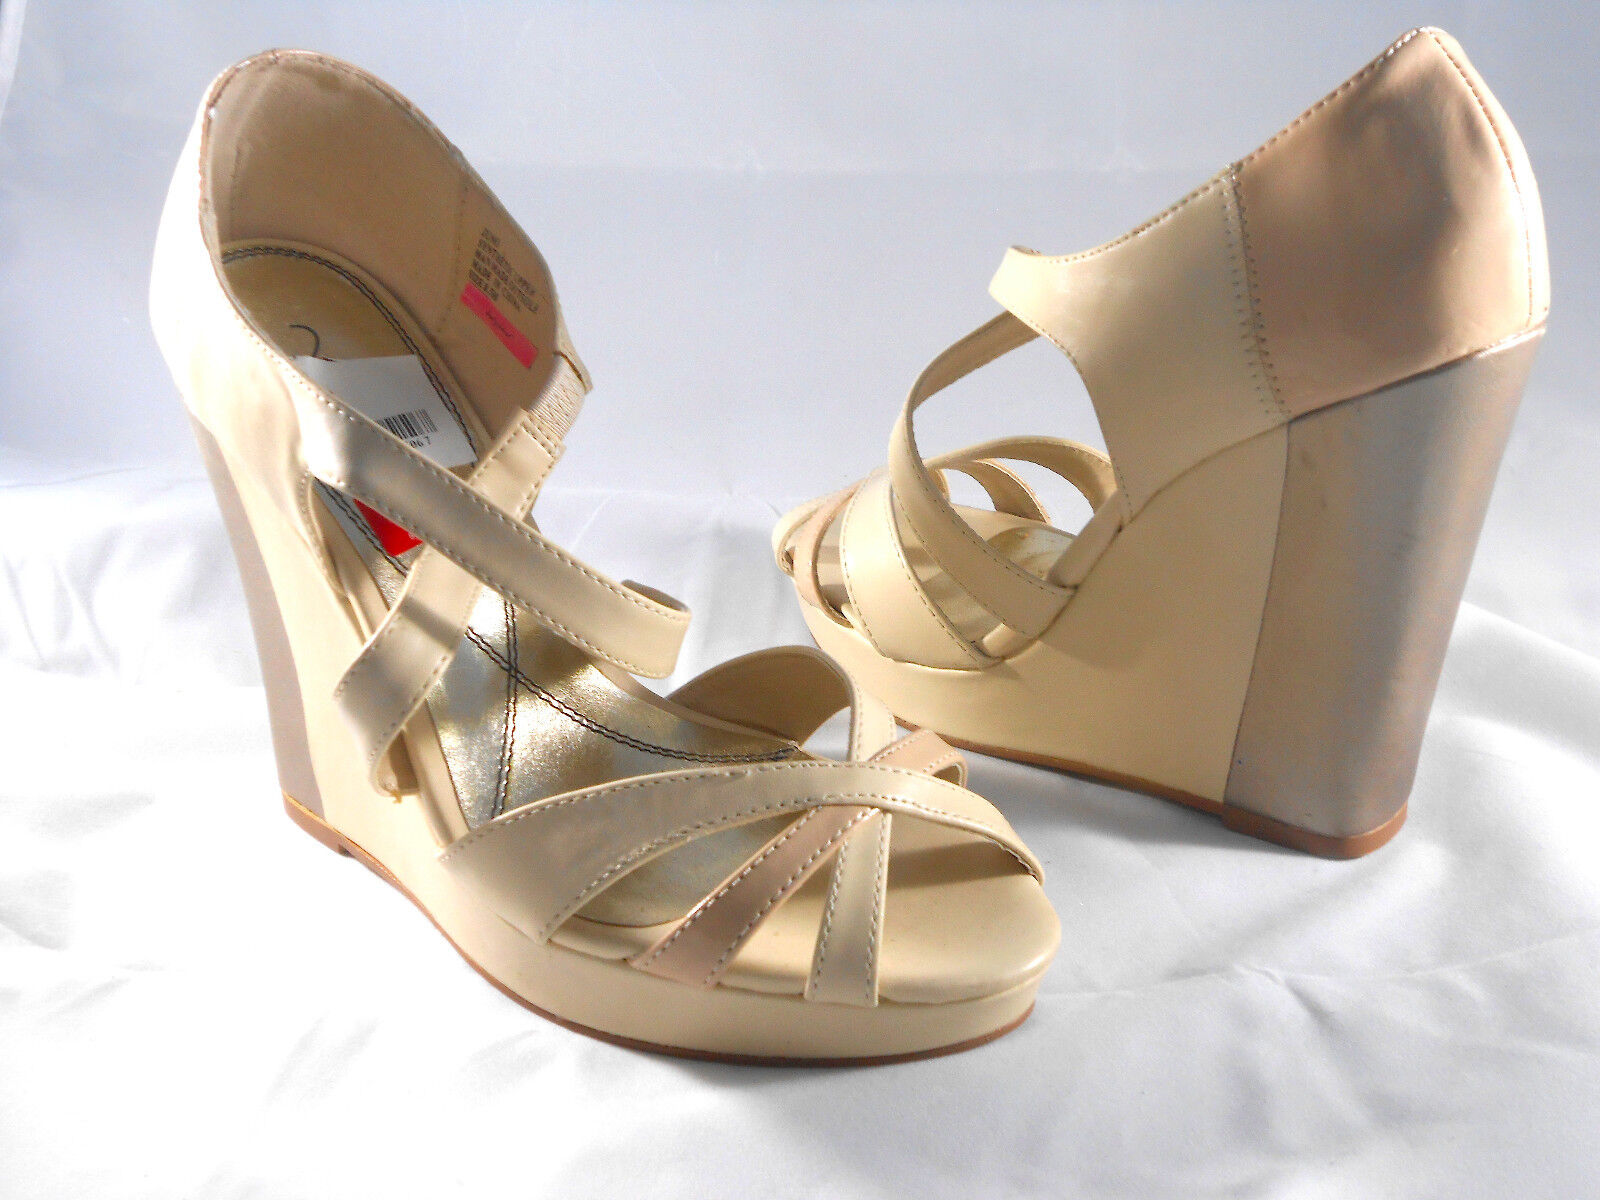 Baby Phat (Juno desnuda Sandalia de cuña) para para para mujer 8.5 Nuevo  Las ventas en línea ahorran un 70%.